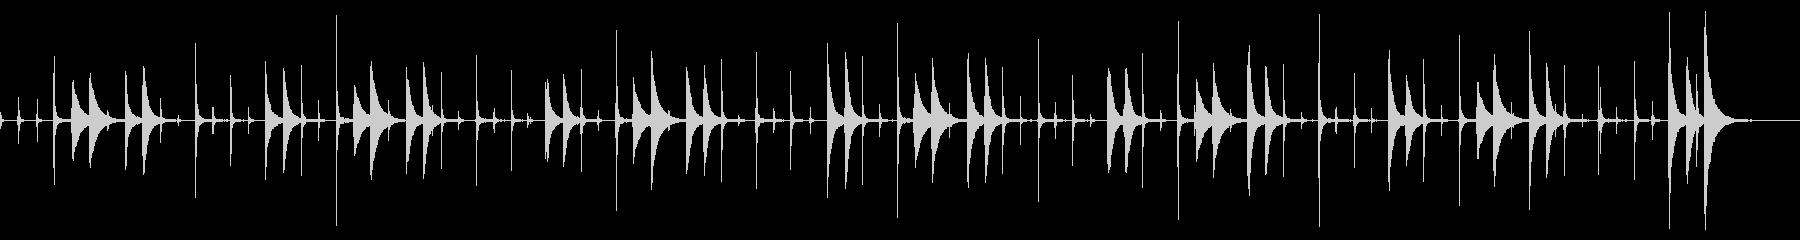 ラテン時計仕掛けパーカッショングロ...の未再生の波形